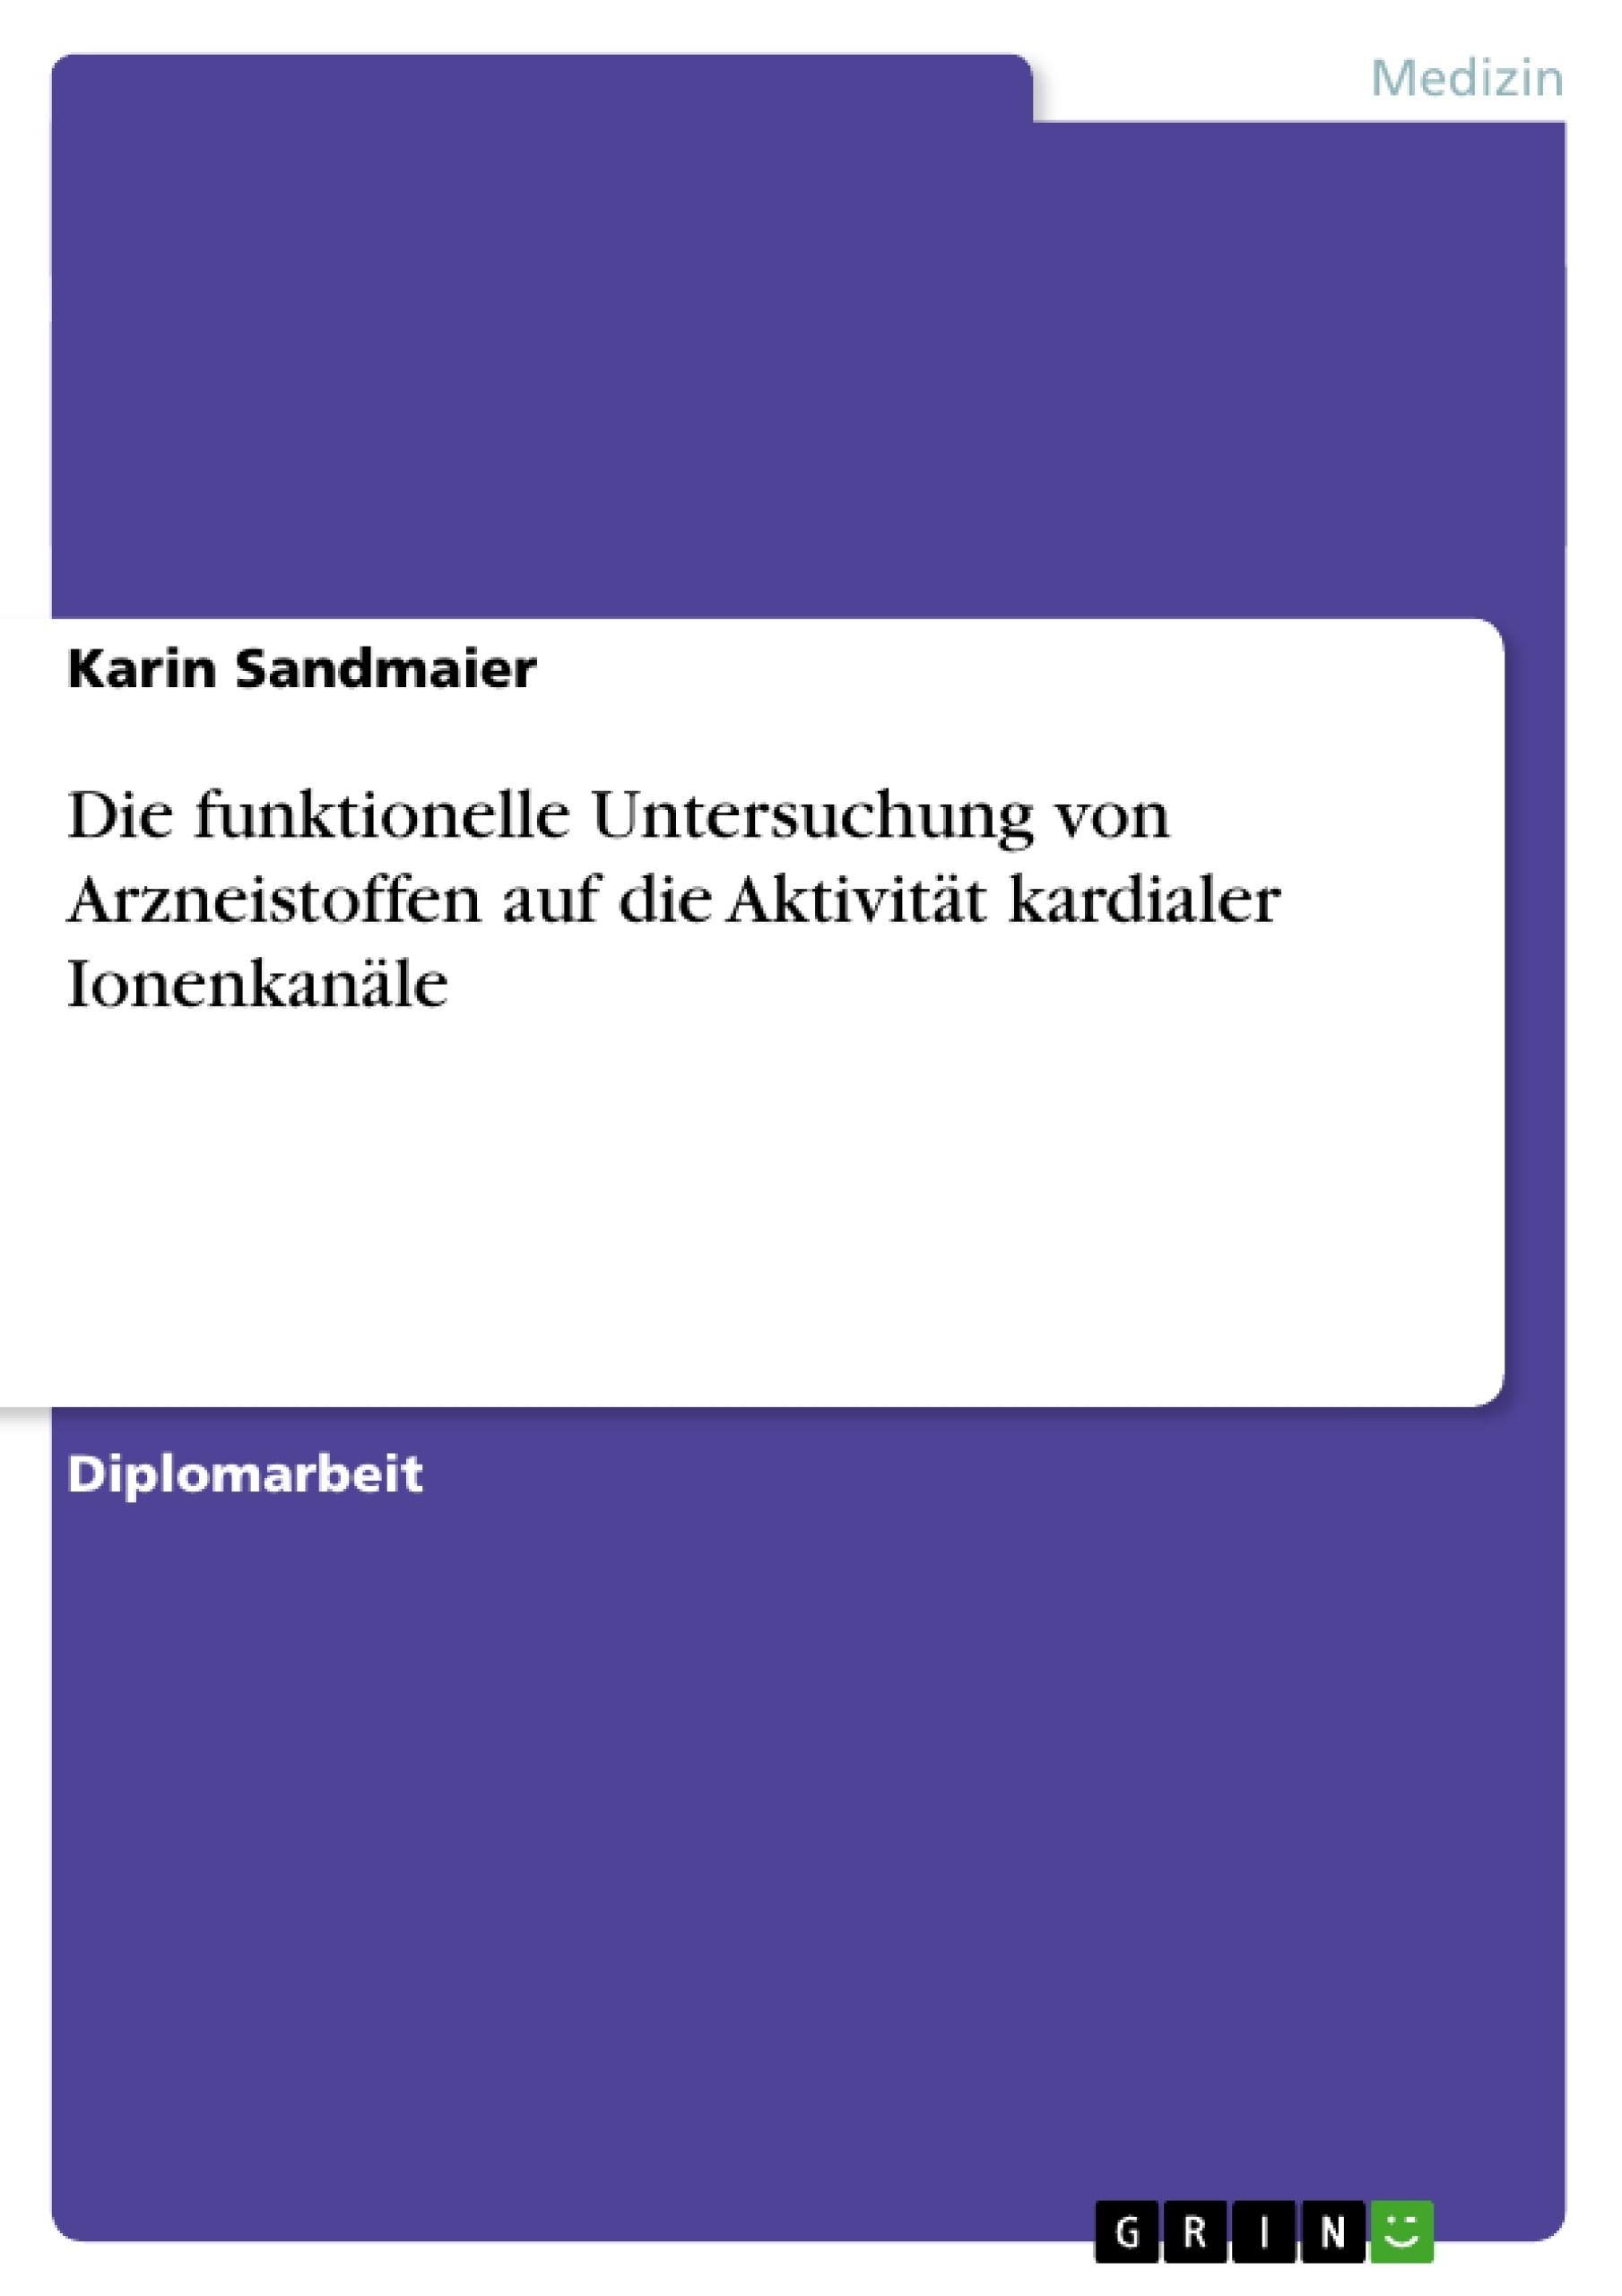 Titel: Die funktionelle Untersuchung von Arzneistoffen auf die Aktivität kardialer Ionenkanäle